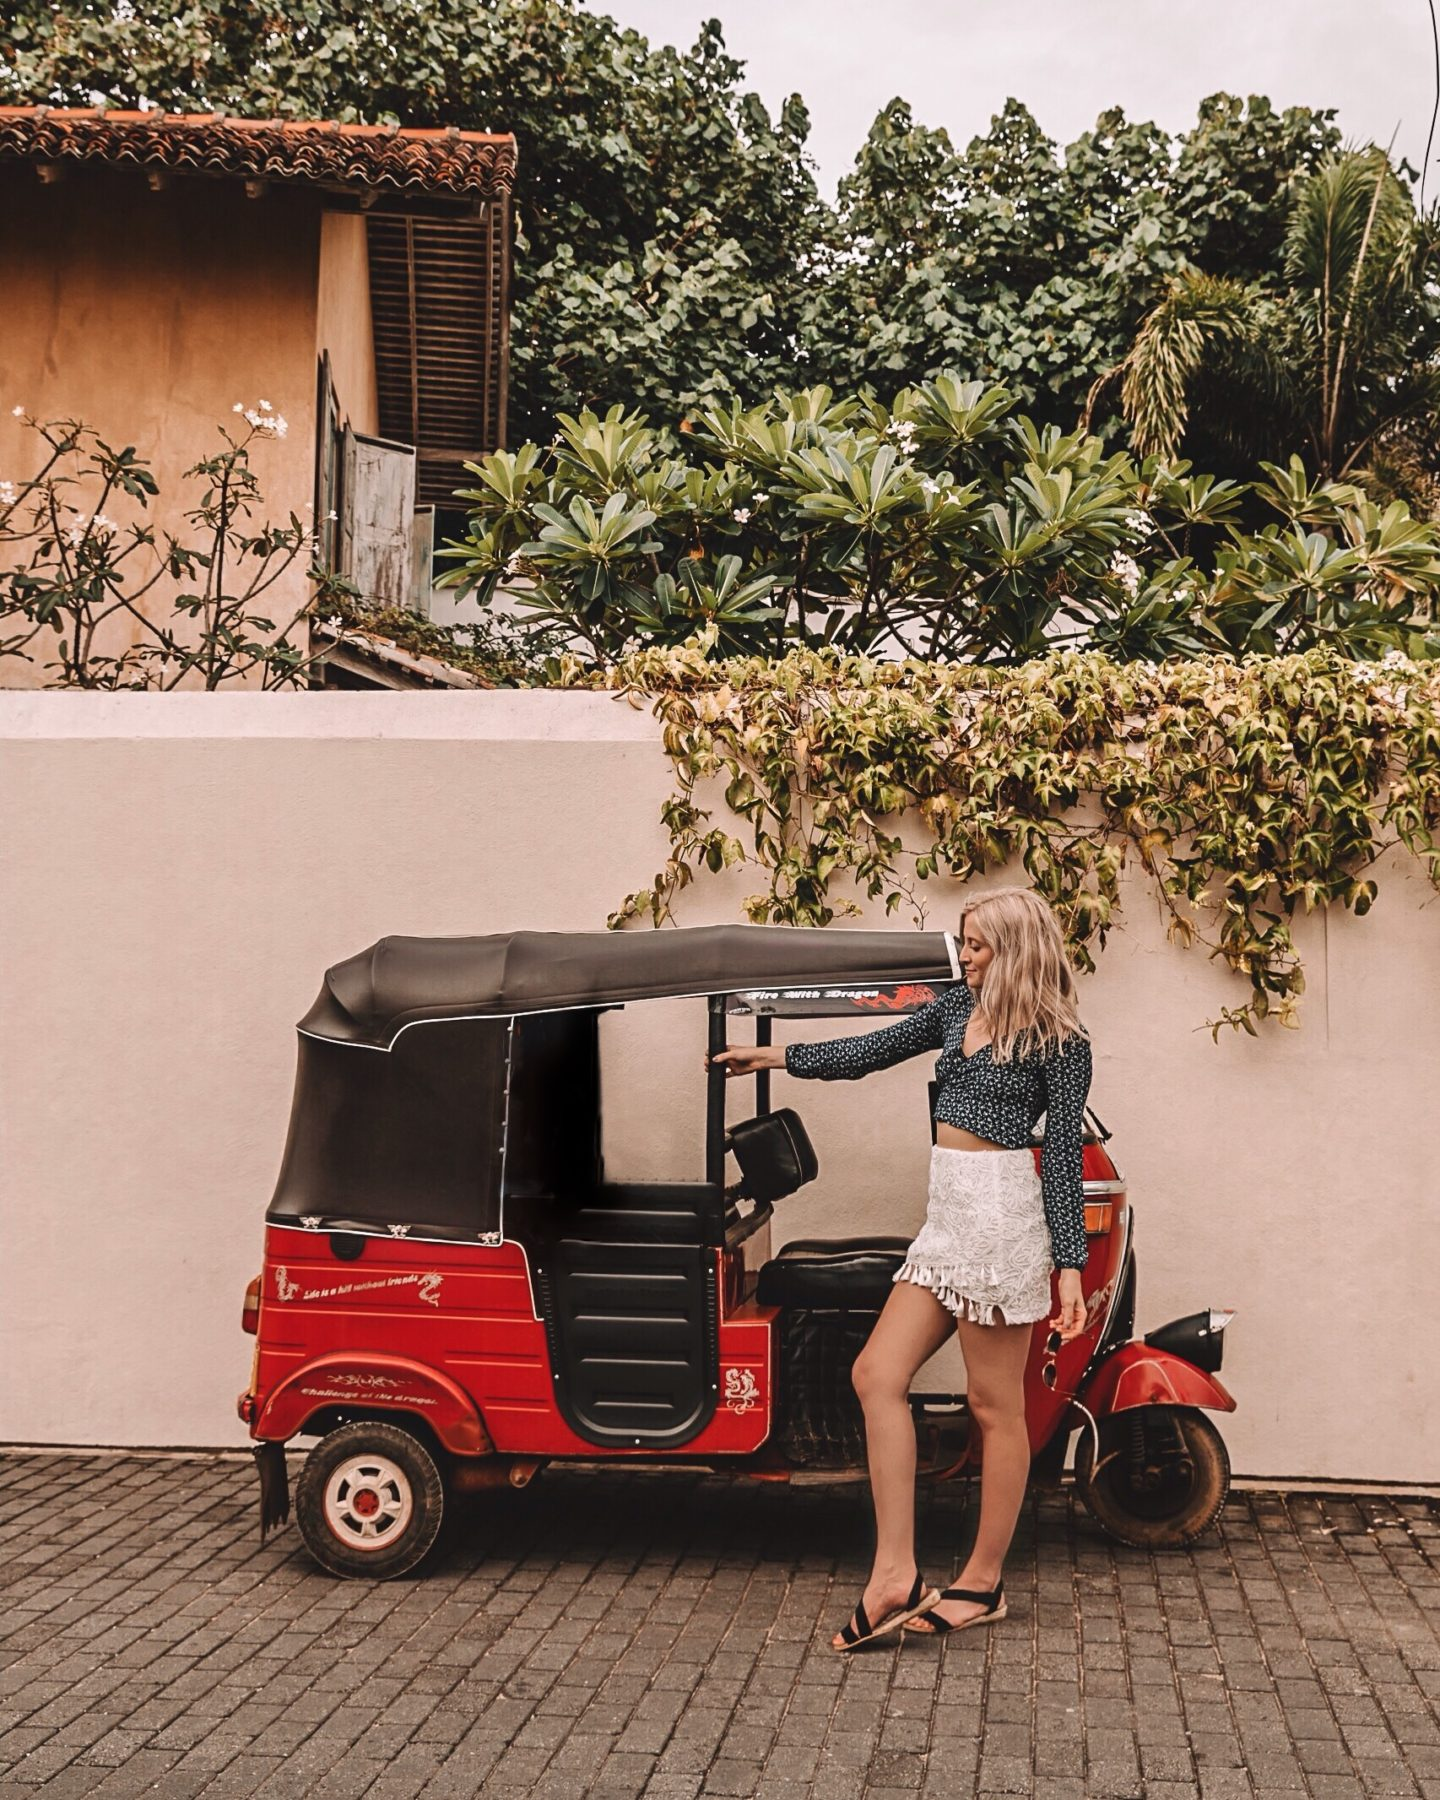 in Galle, Sri Lanka by a Tuk Tuk